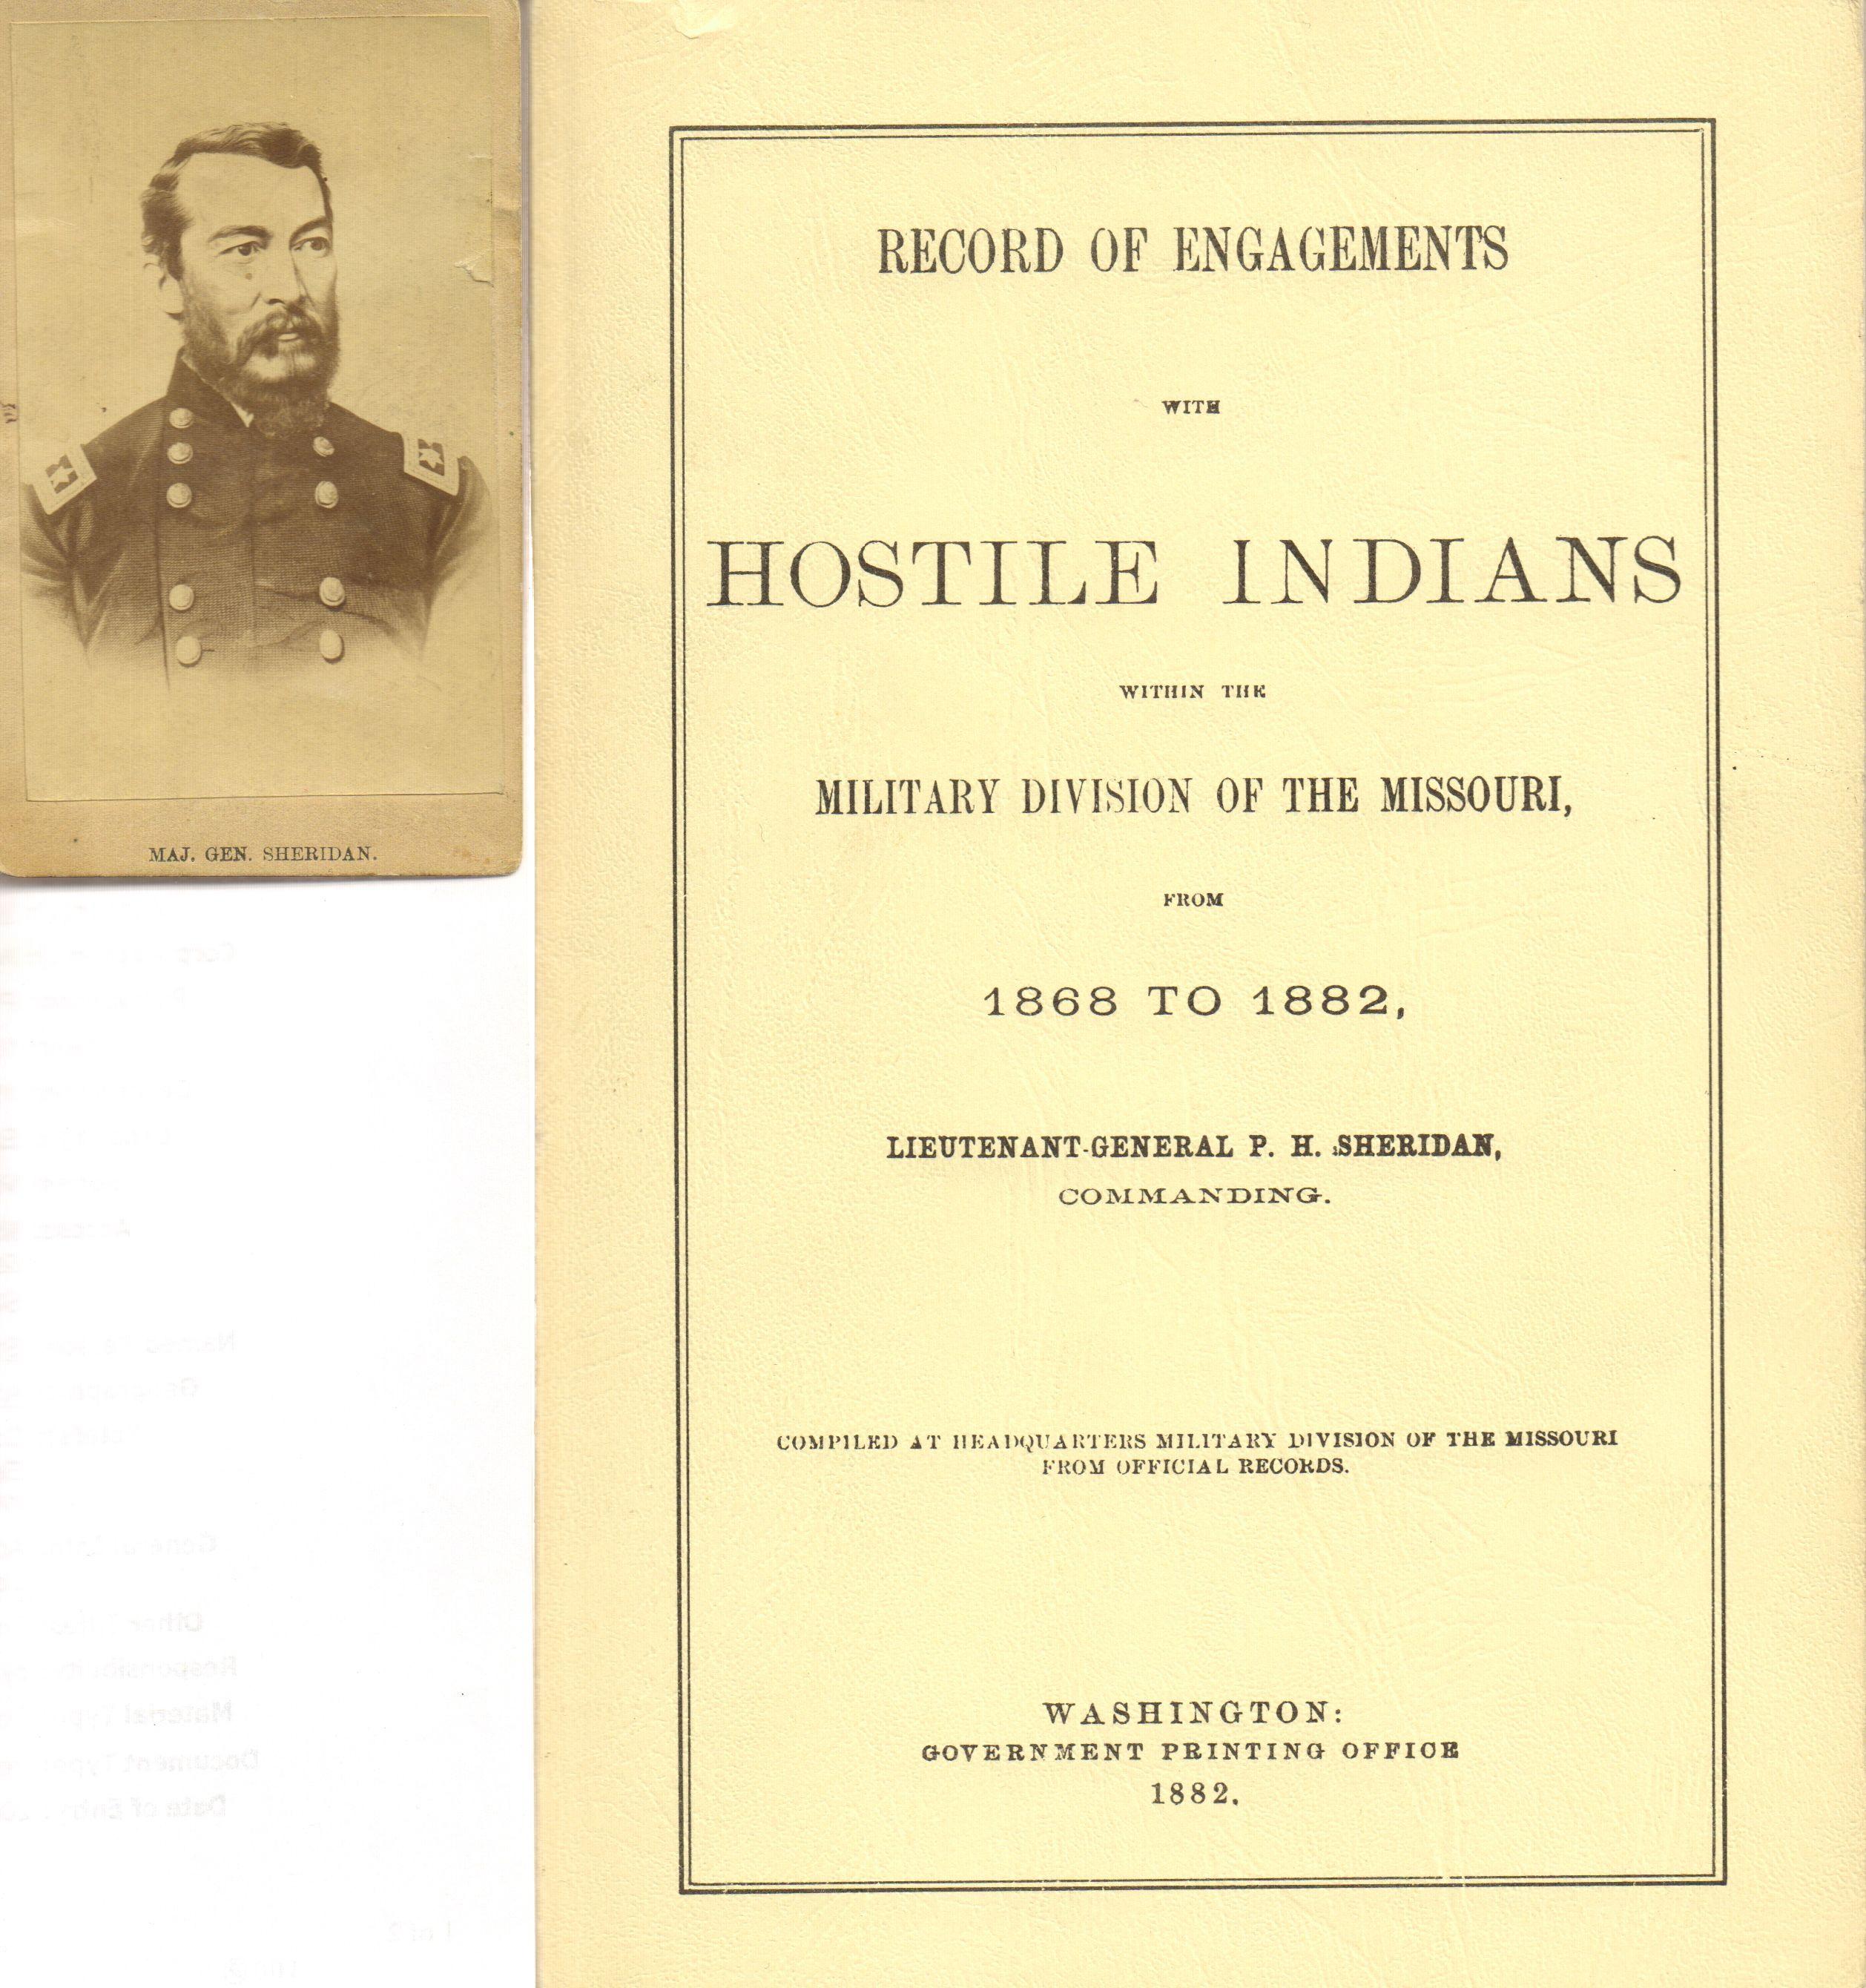 Major General Sheridan Civil War Era Carte De Visite